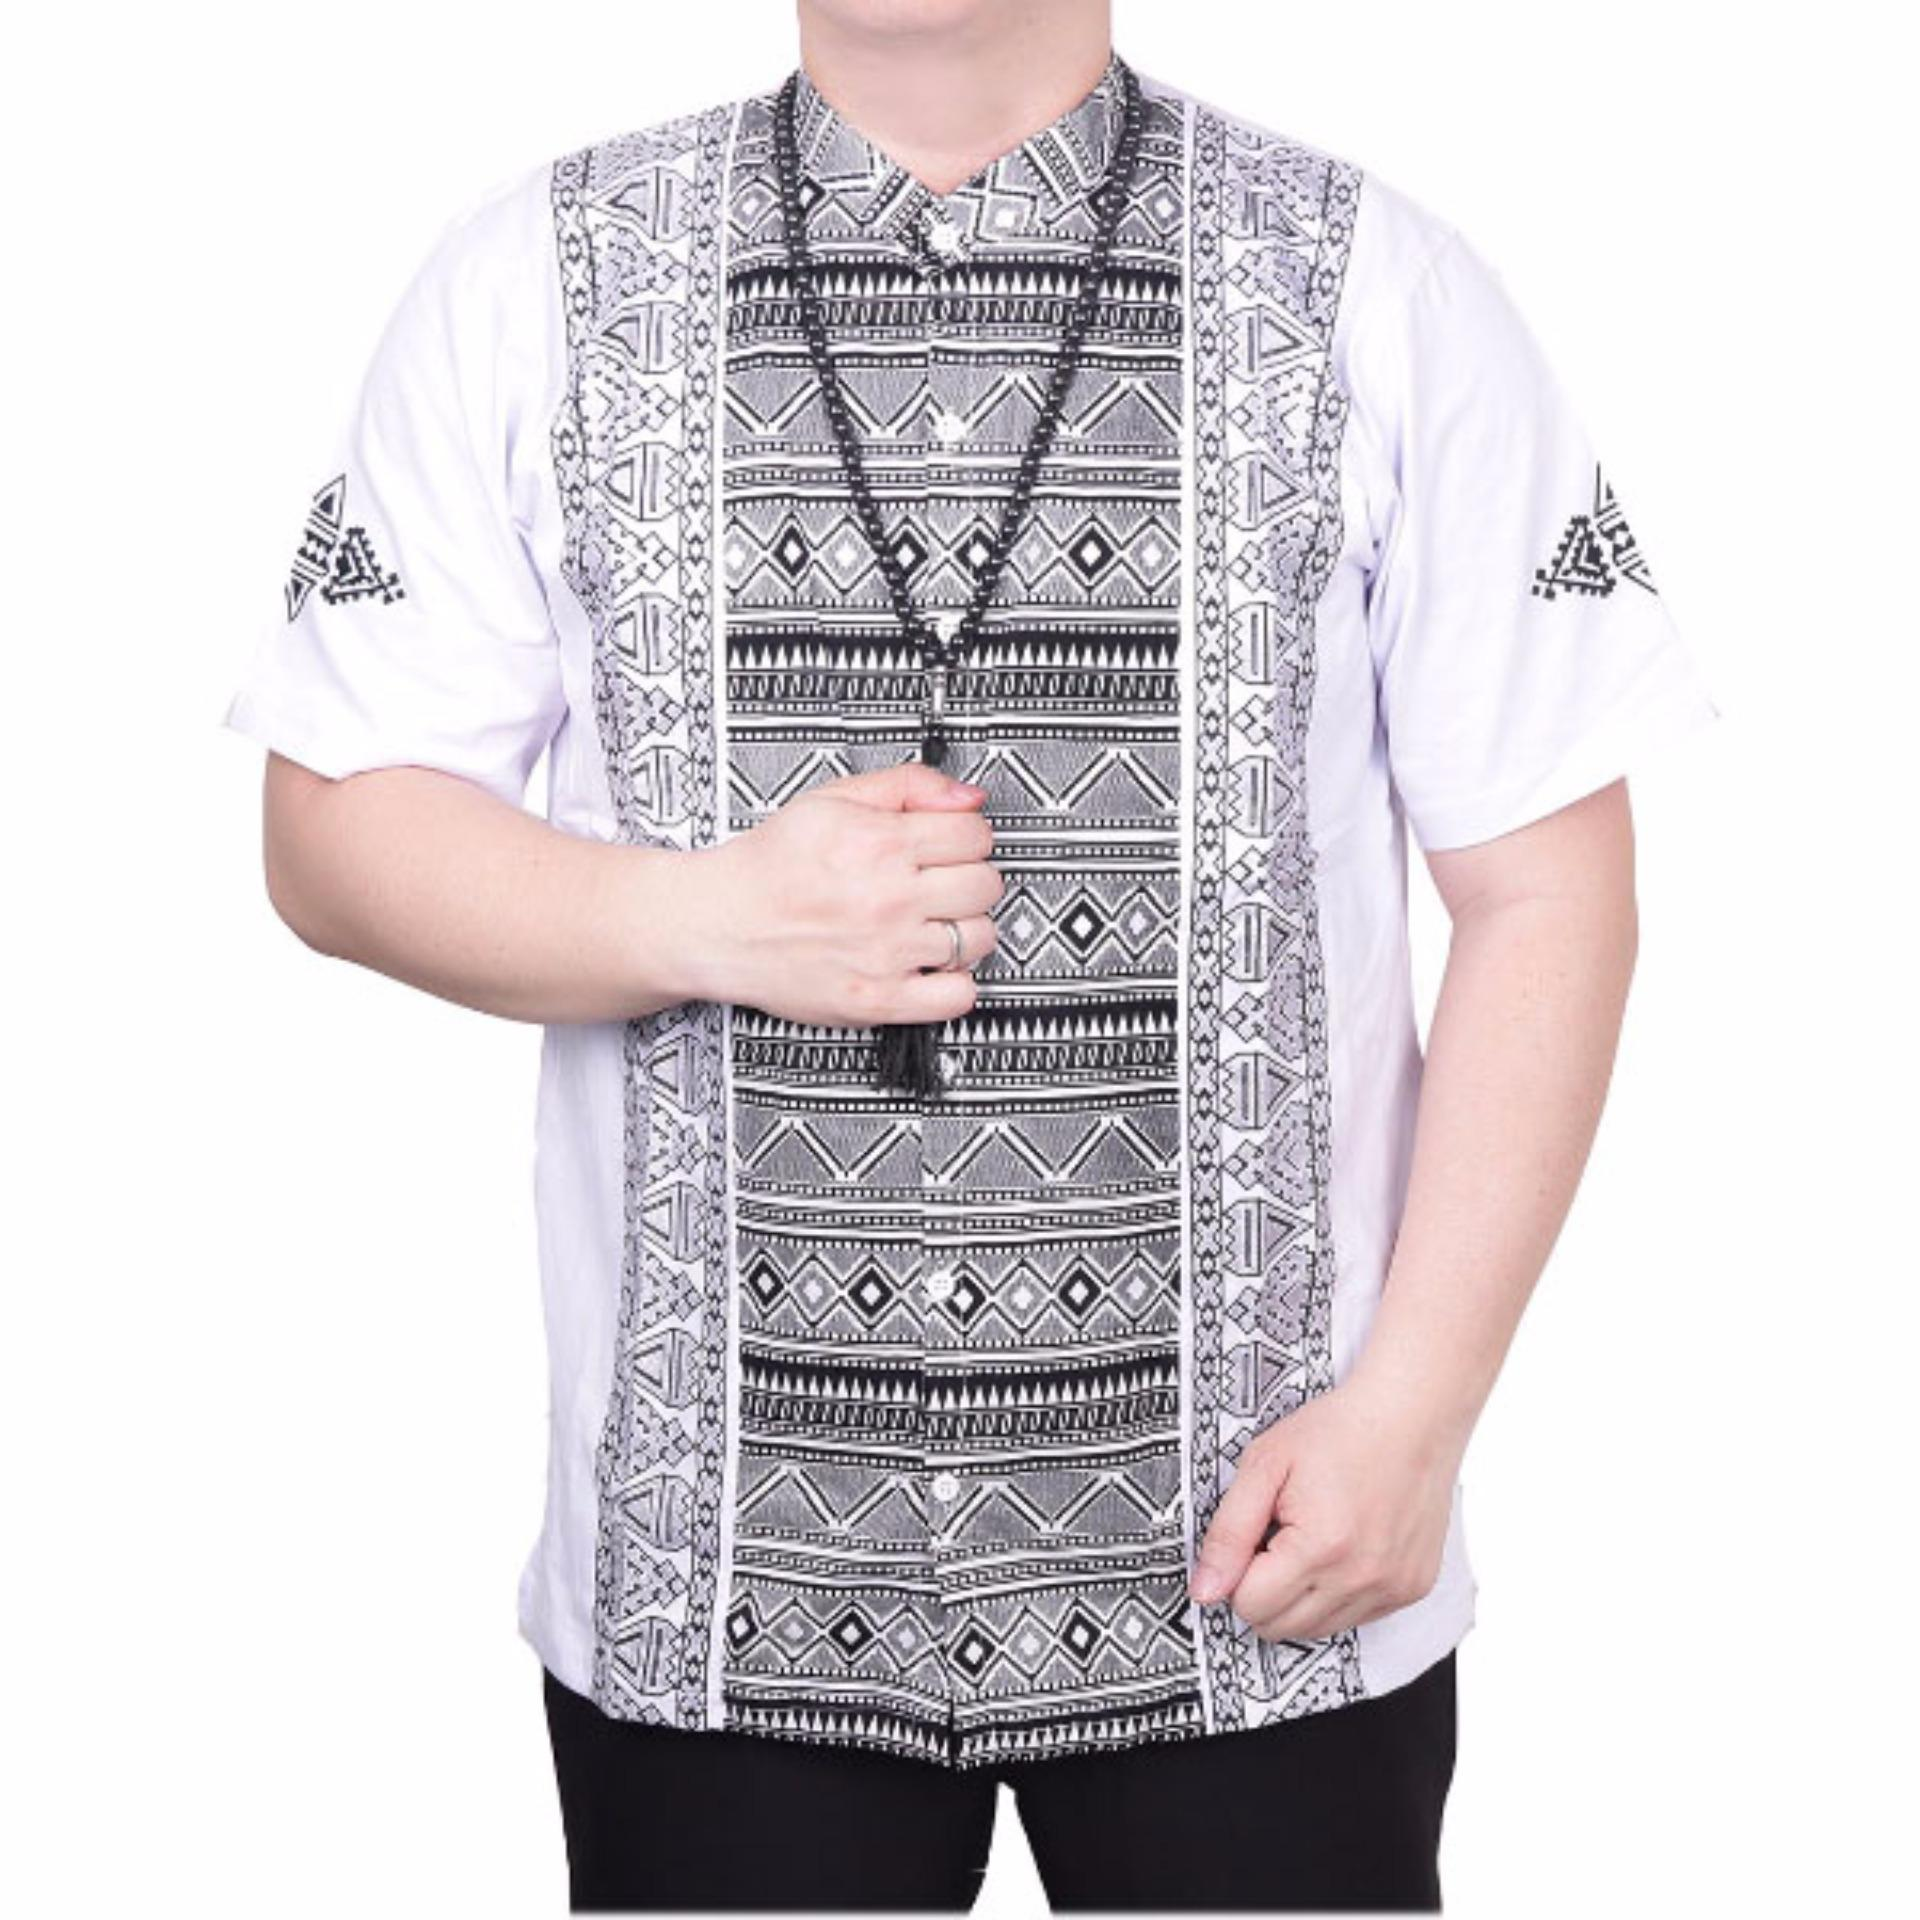 Harga Ormano Baju Koko Muslim Batik Lengan Pendek Lebaran Zo17 Kk30 Kemeja Fashion Pria Putih Baru